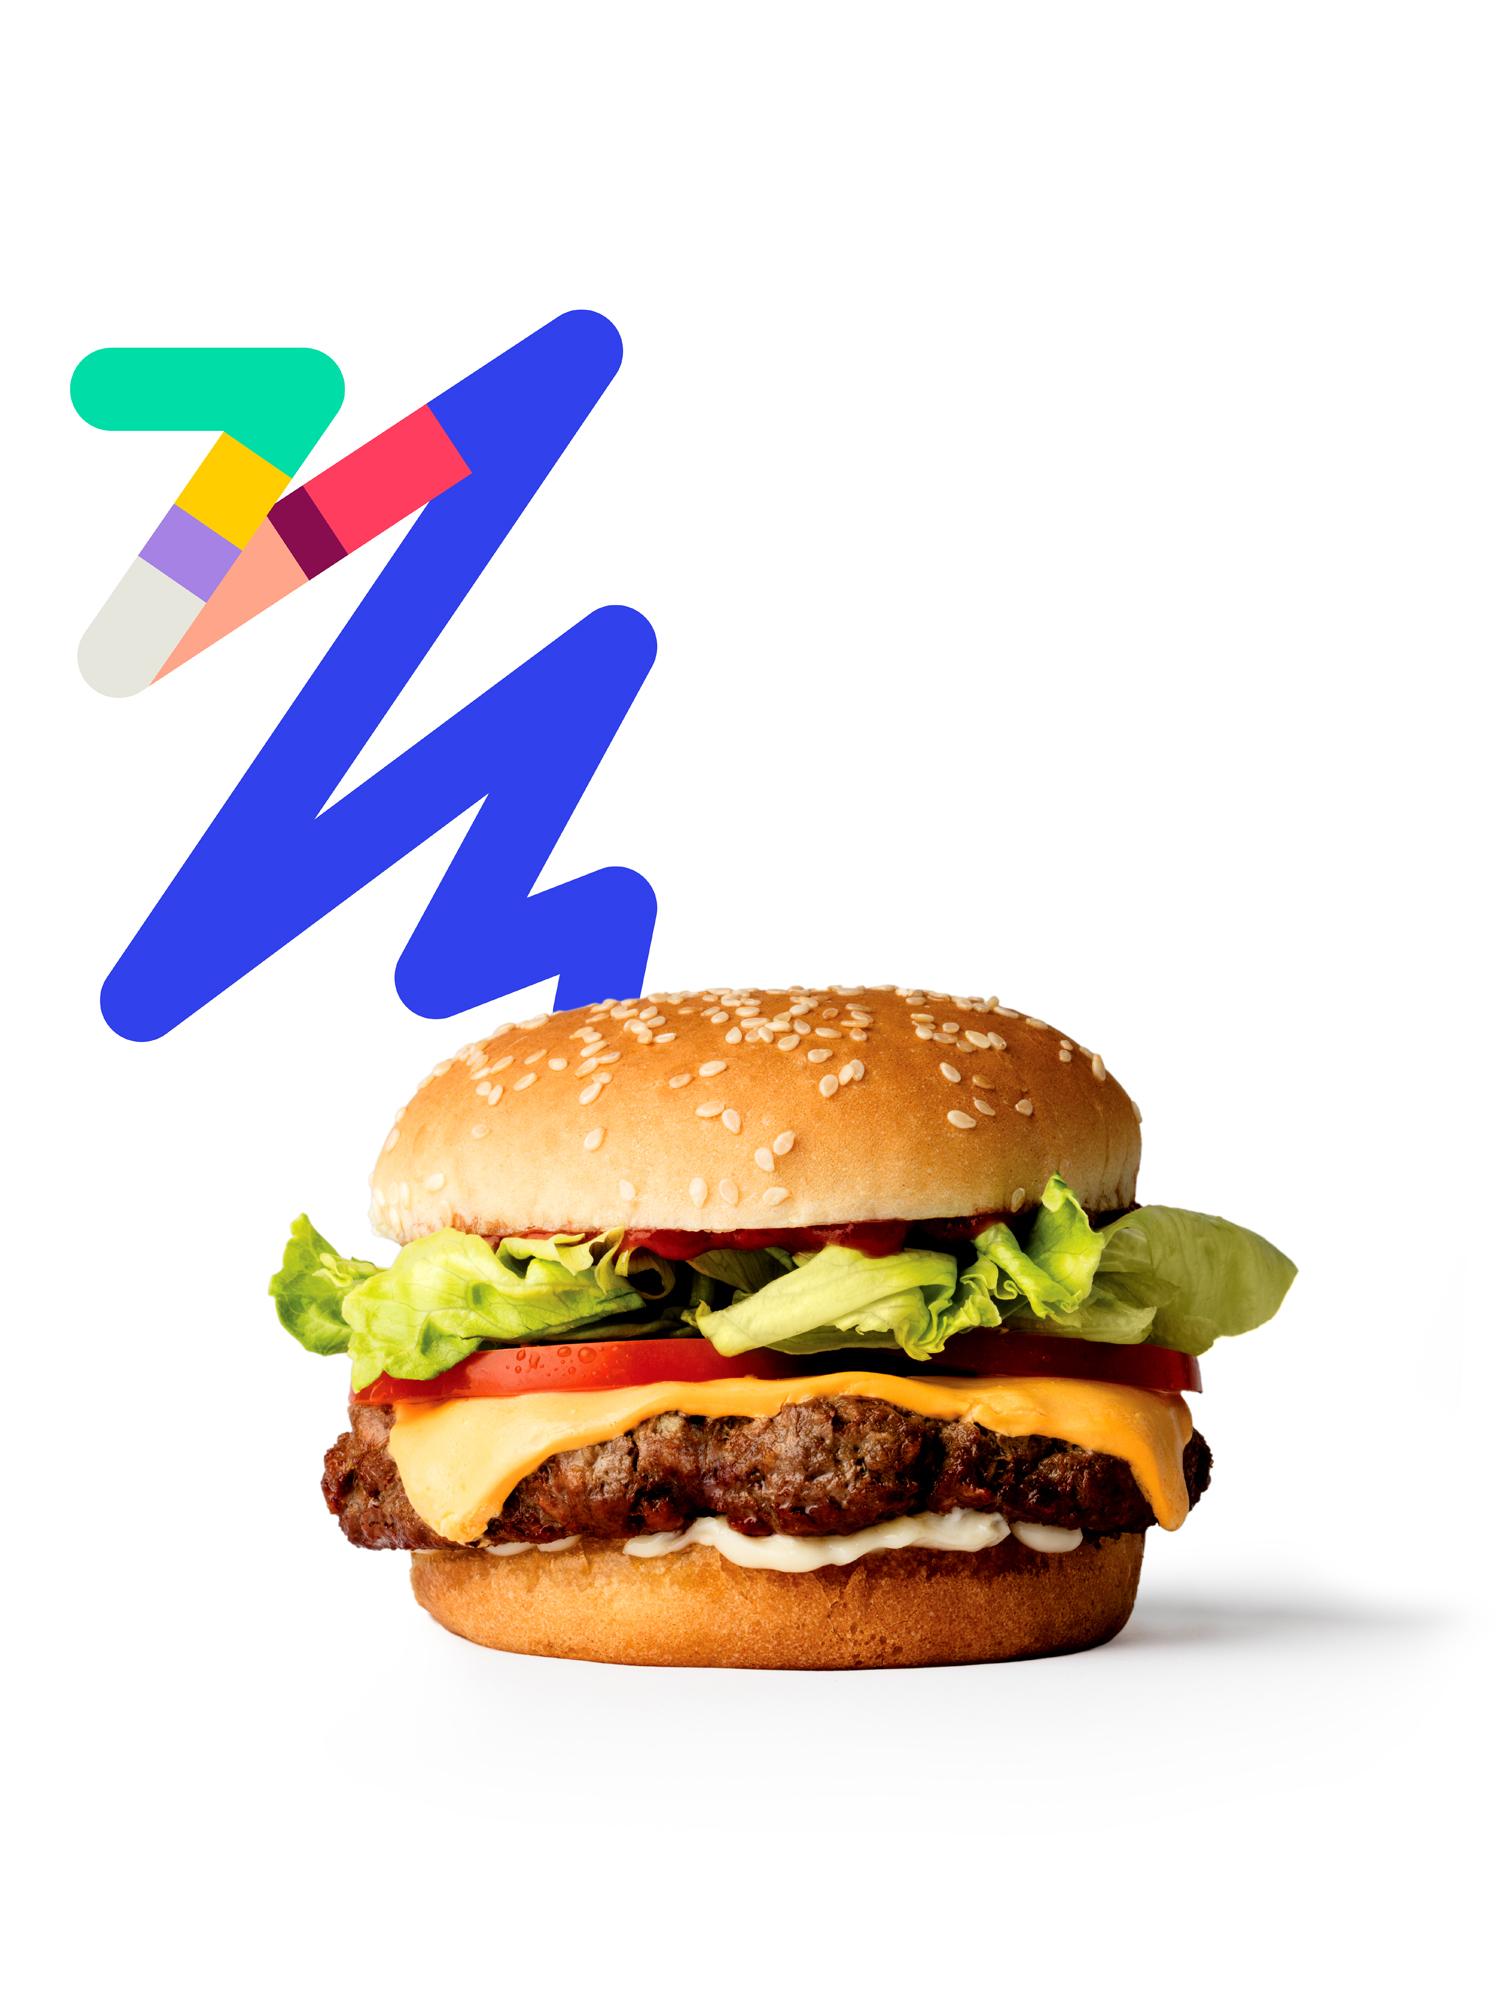 IF Burger Zing